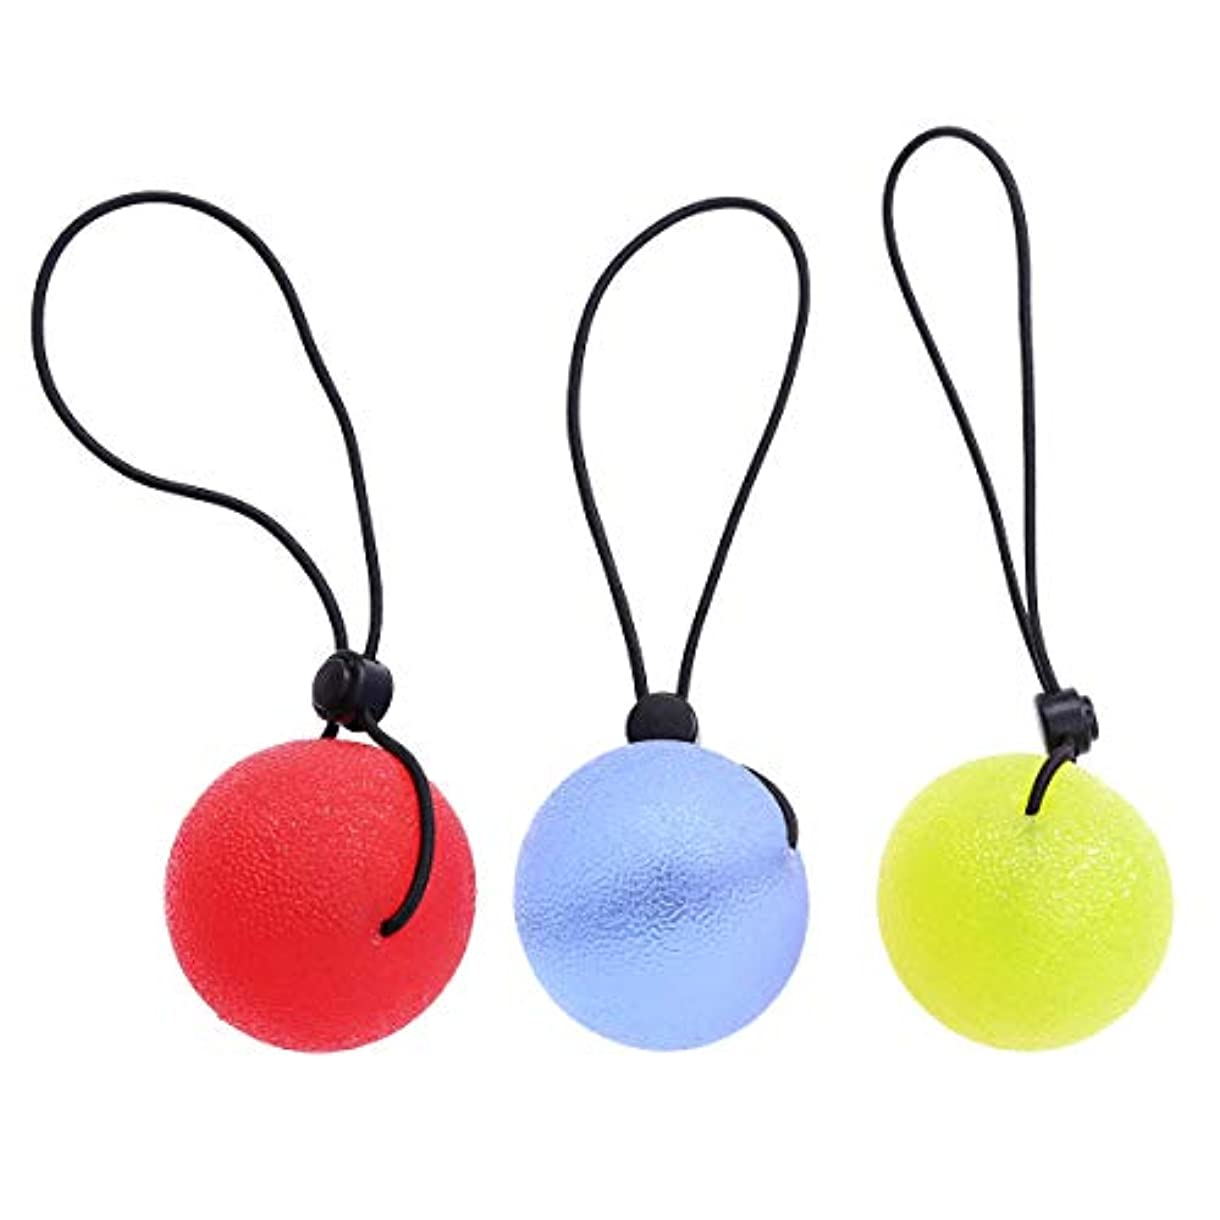 オペラ交通崖SUPVOX 3個シリコーングリップボールハンドエクササイズボールハンドセラピー強化剤トレーナー